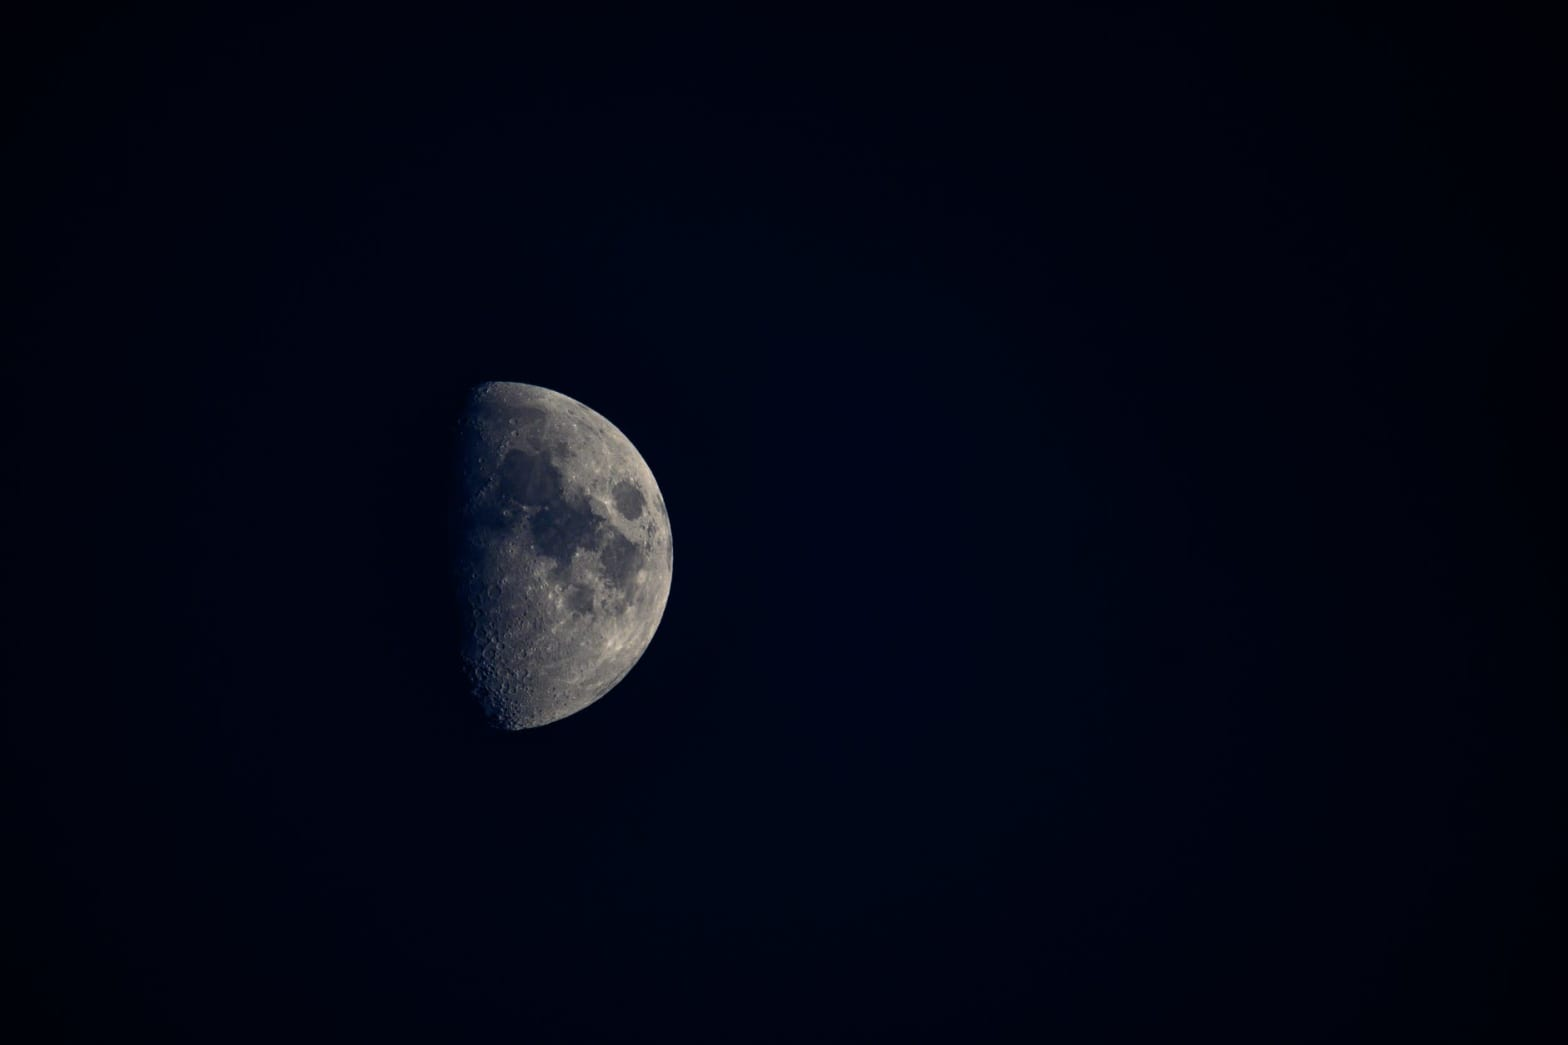 half moon on dark background